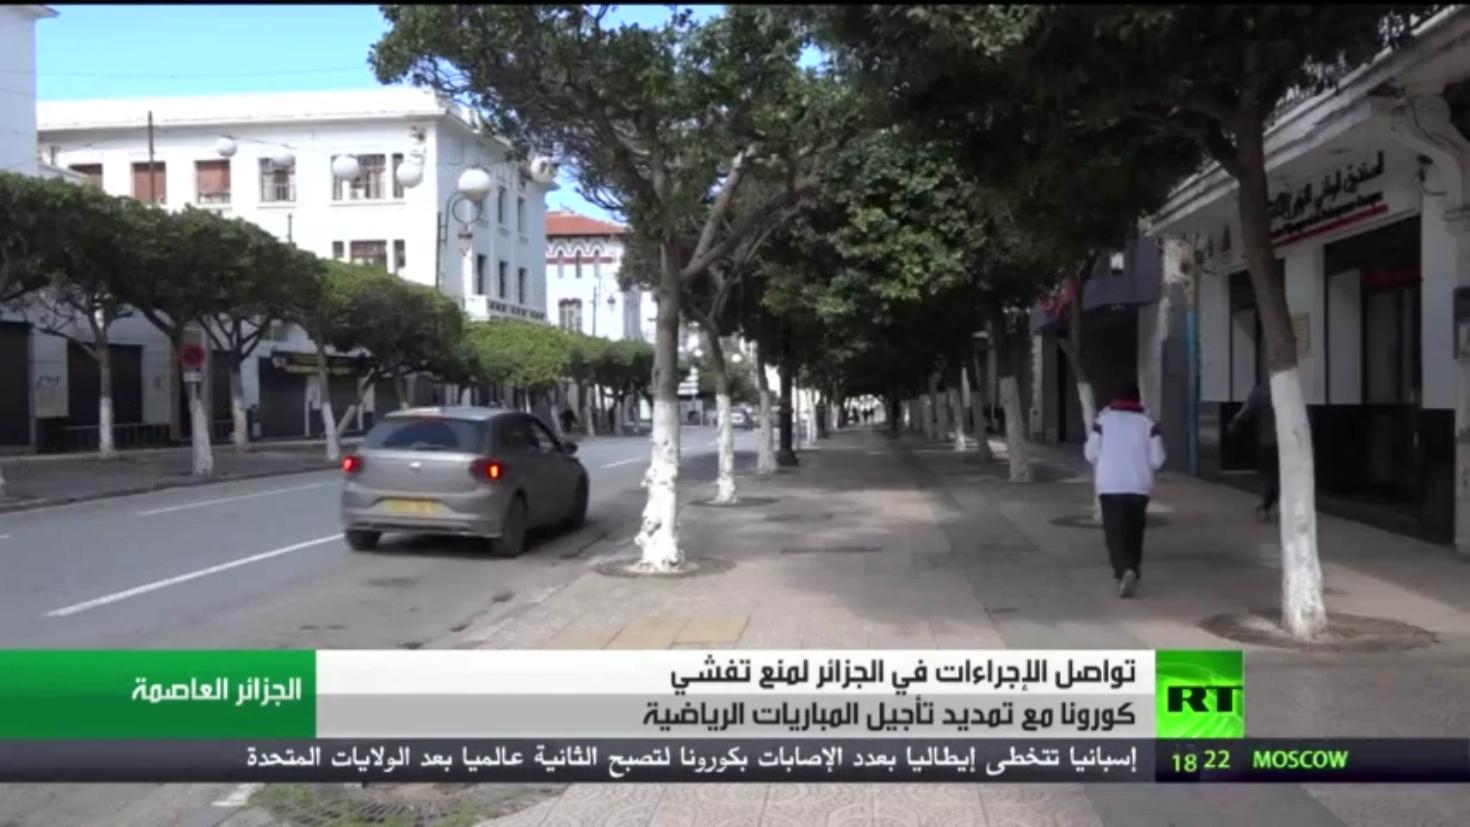 تواصل الإجراءات بالجزائر ضد كورونا